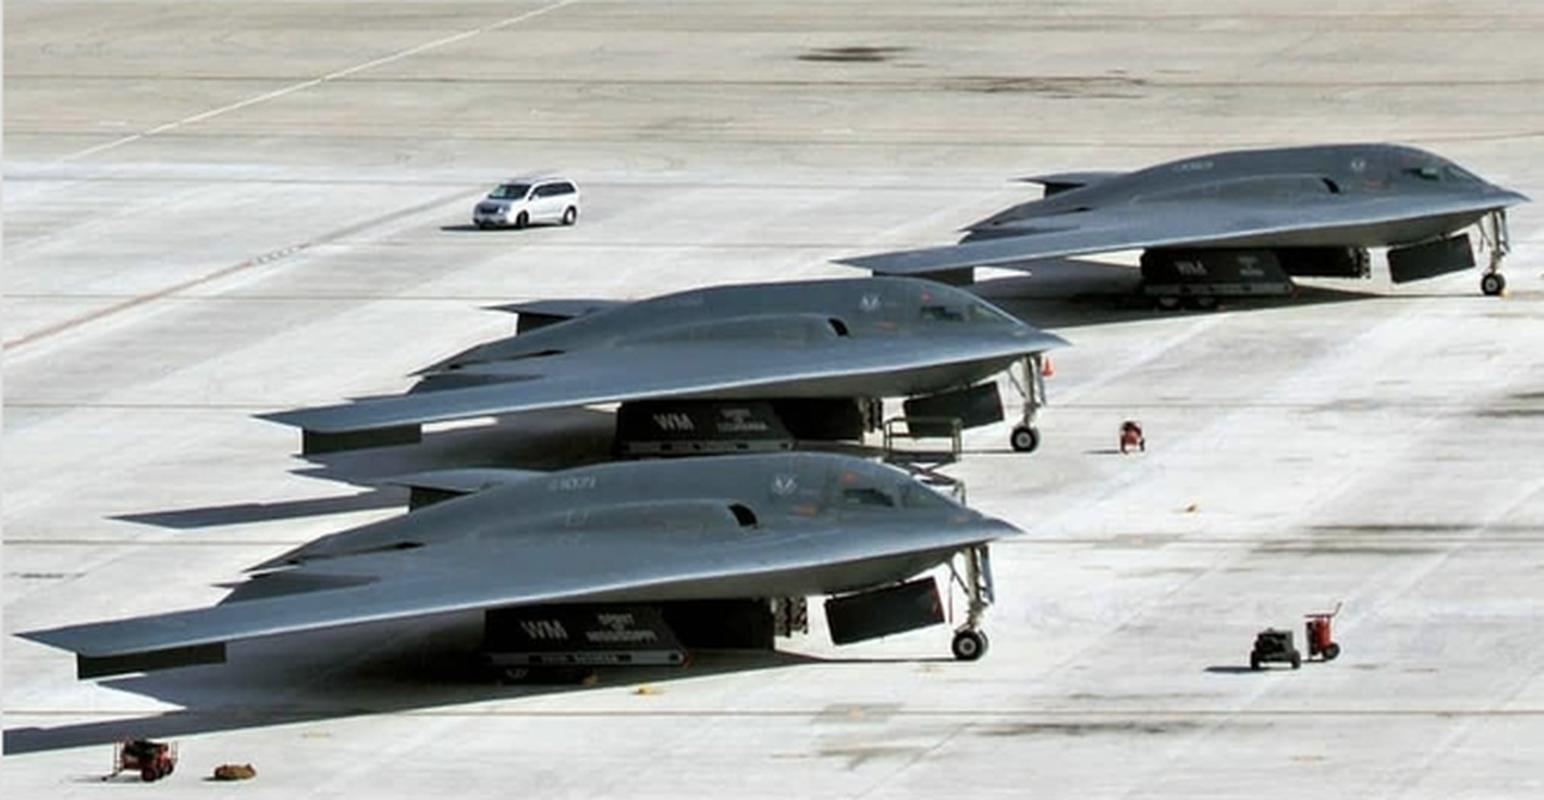 Oanh tac co B-21 Raider: My chua ban, nhieu nuoc da doi mua-Hinh-15